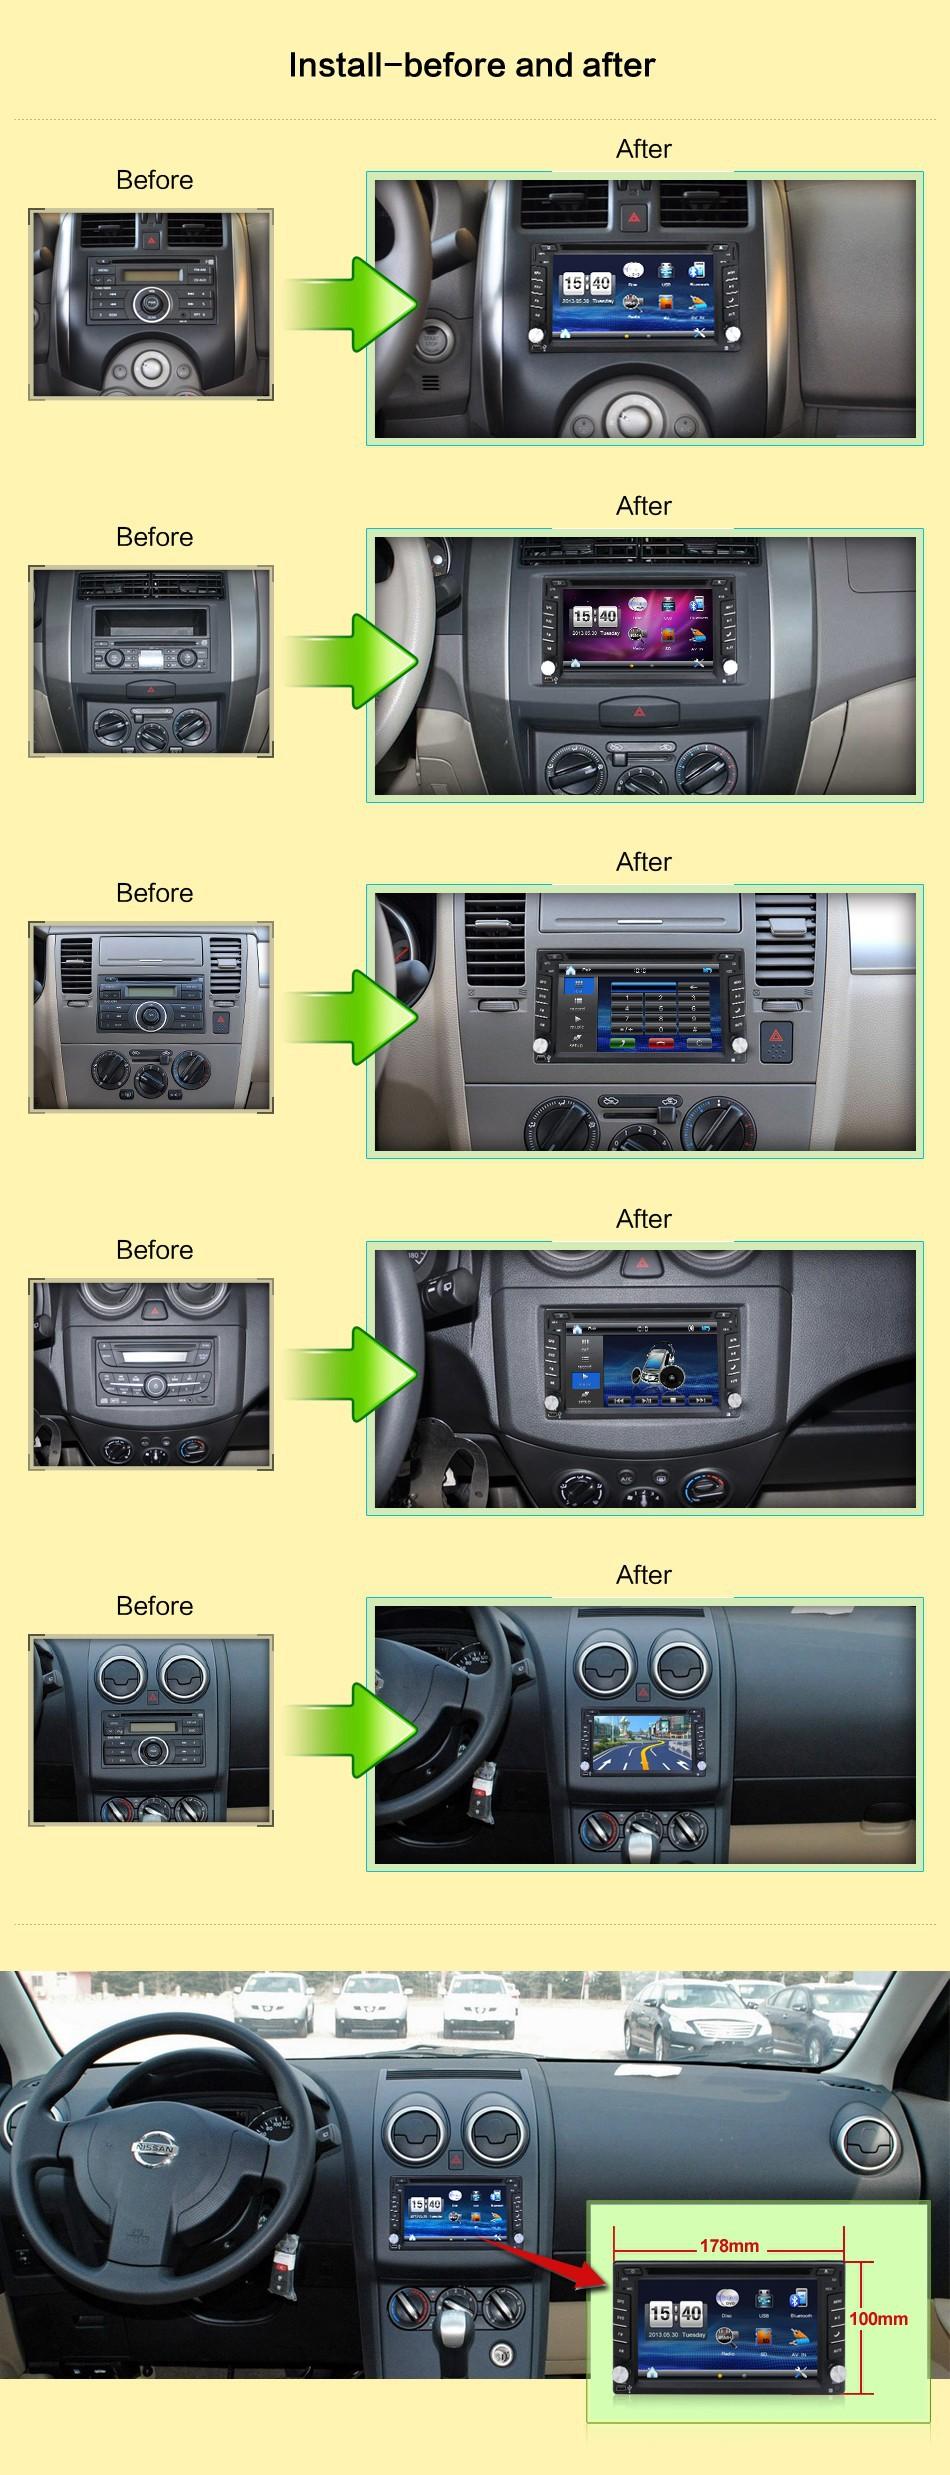 Купить 178*100 Универсальный Автомобильный Радиоприемник с Двойным 2 Din Автомобильный DVD Плеер с СЕНСОРНЫМ навигация В Тире ПК Автомобиля Стерео Видео USB Бесплатная Карта Автомобилей электроника